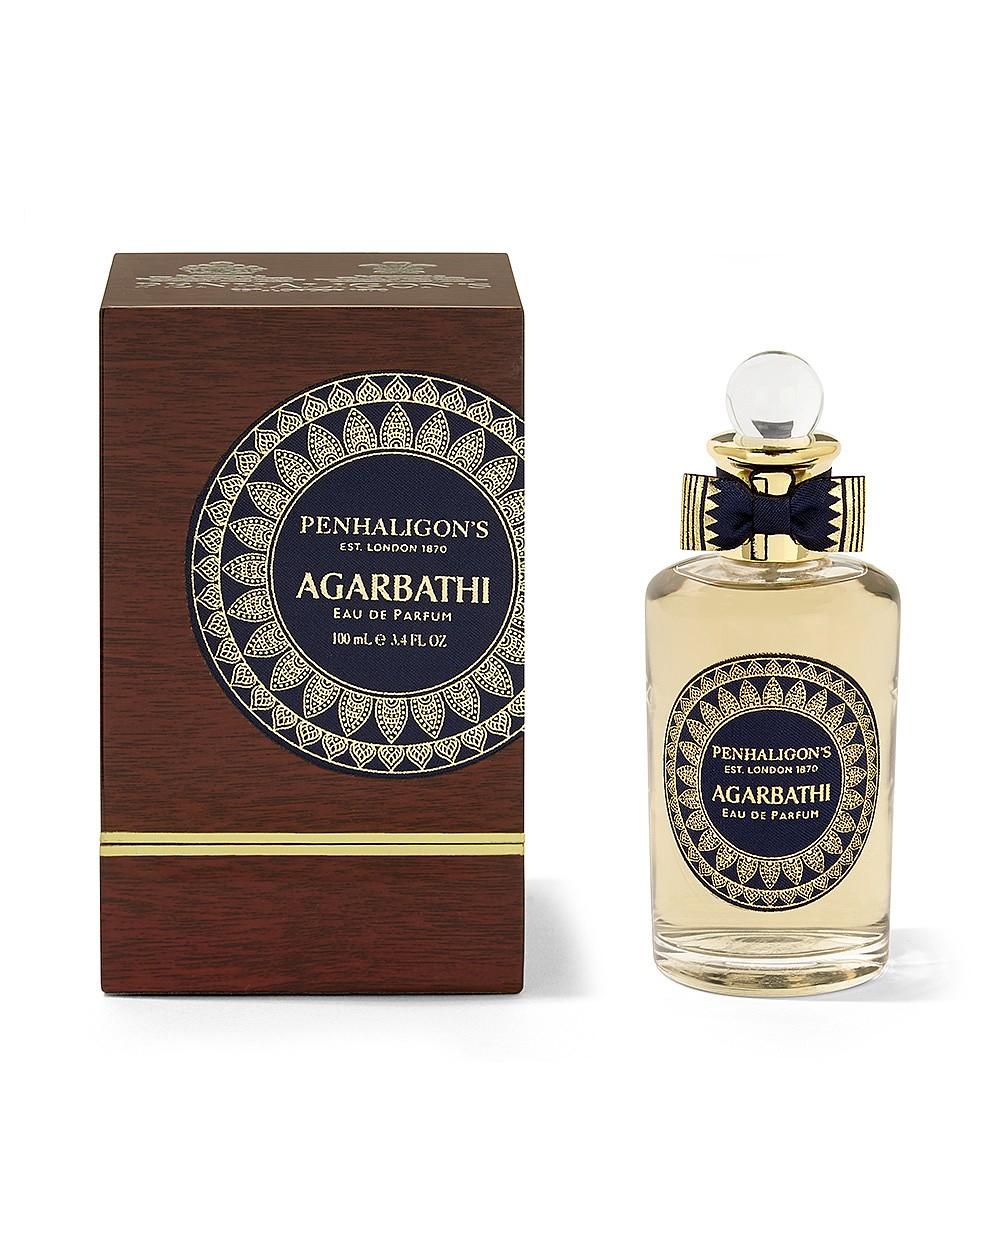 agarbathi penhaligon 39 s cologne un nouveau parfum pour homme 2017. Black Bedroom Furniture Sets. Home Design Ideas